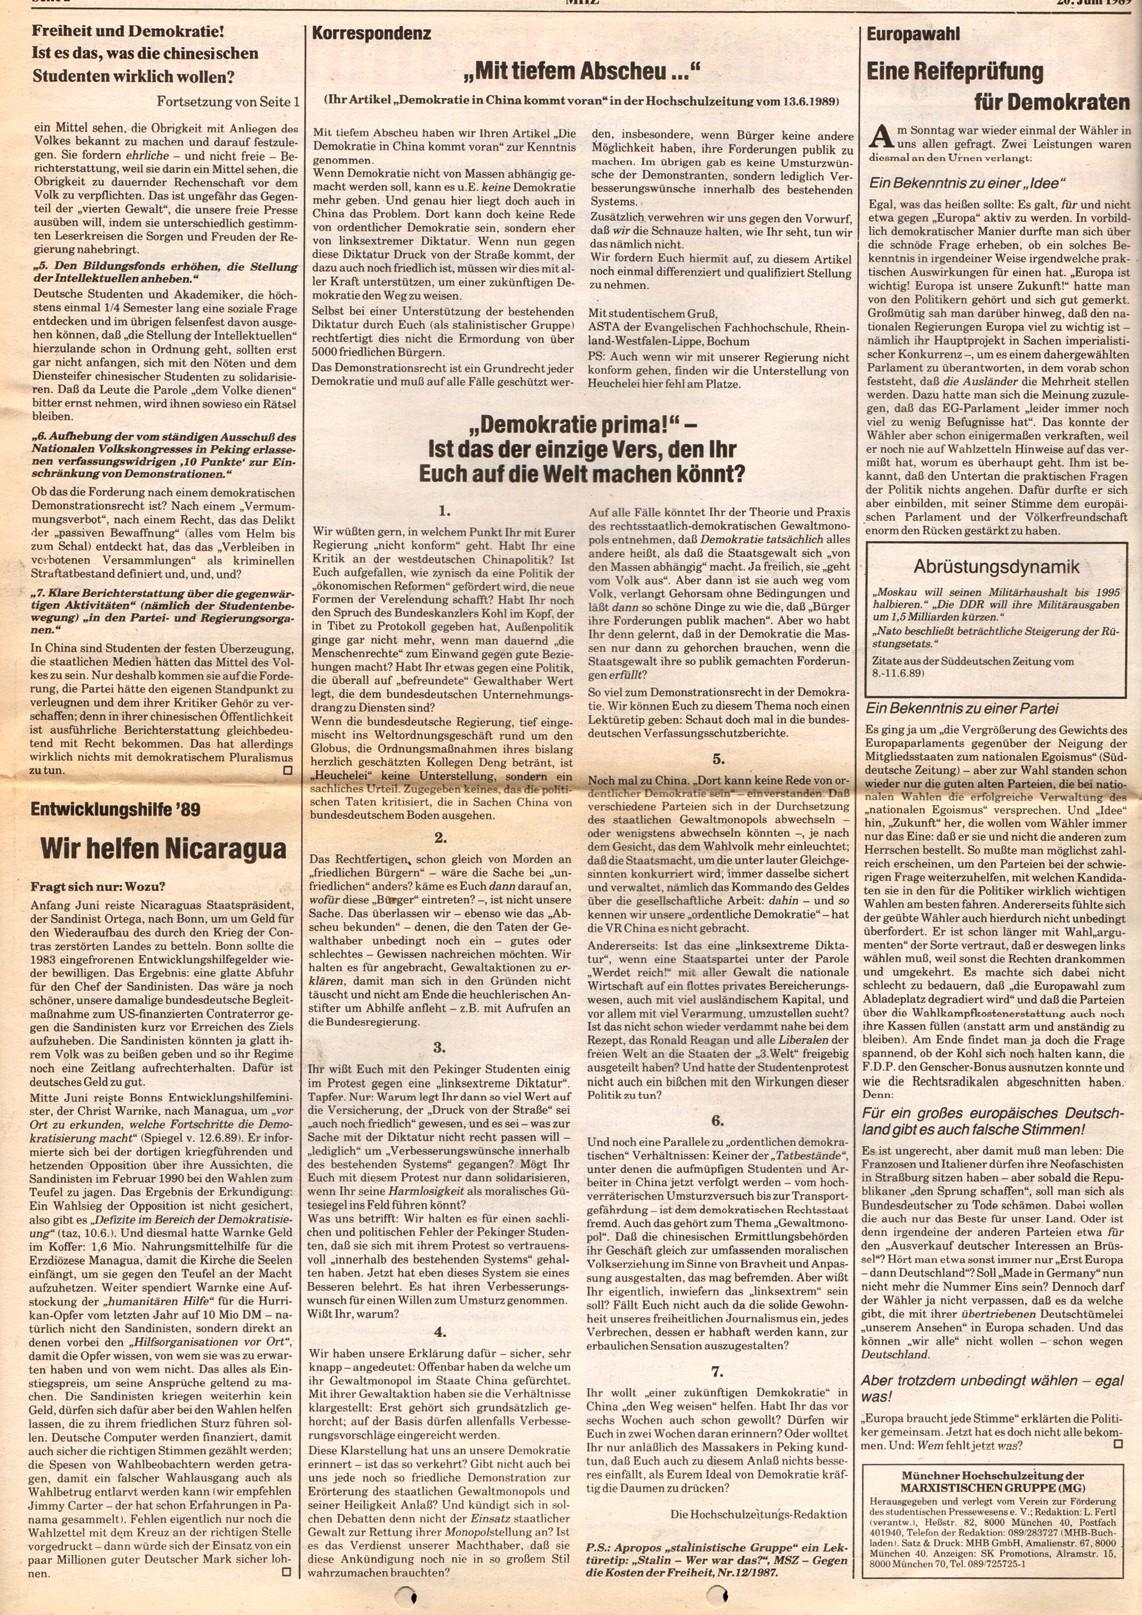 Muenchen_MG_Hochschulzeitung_19890620_02